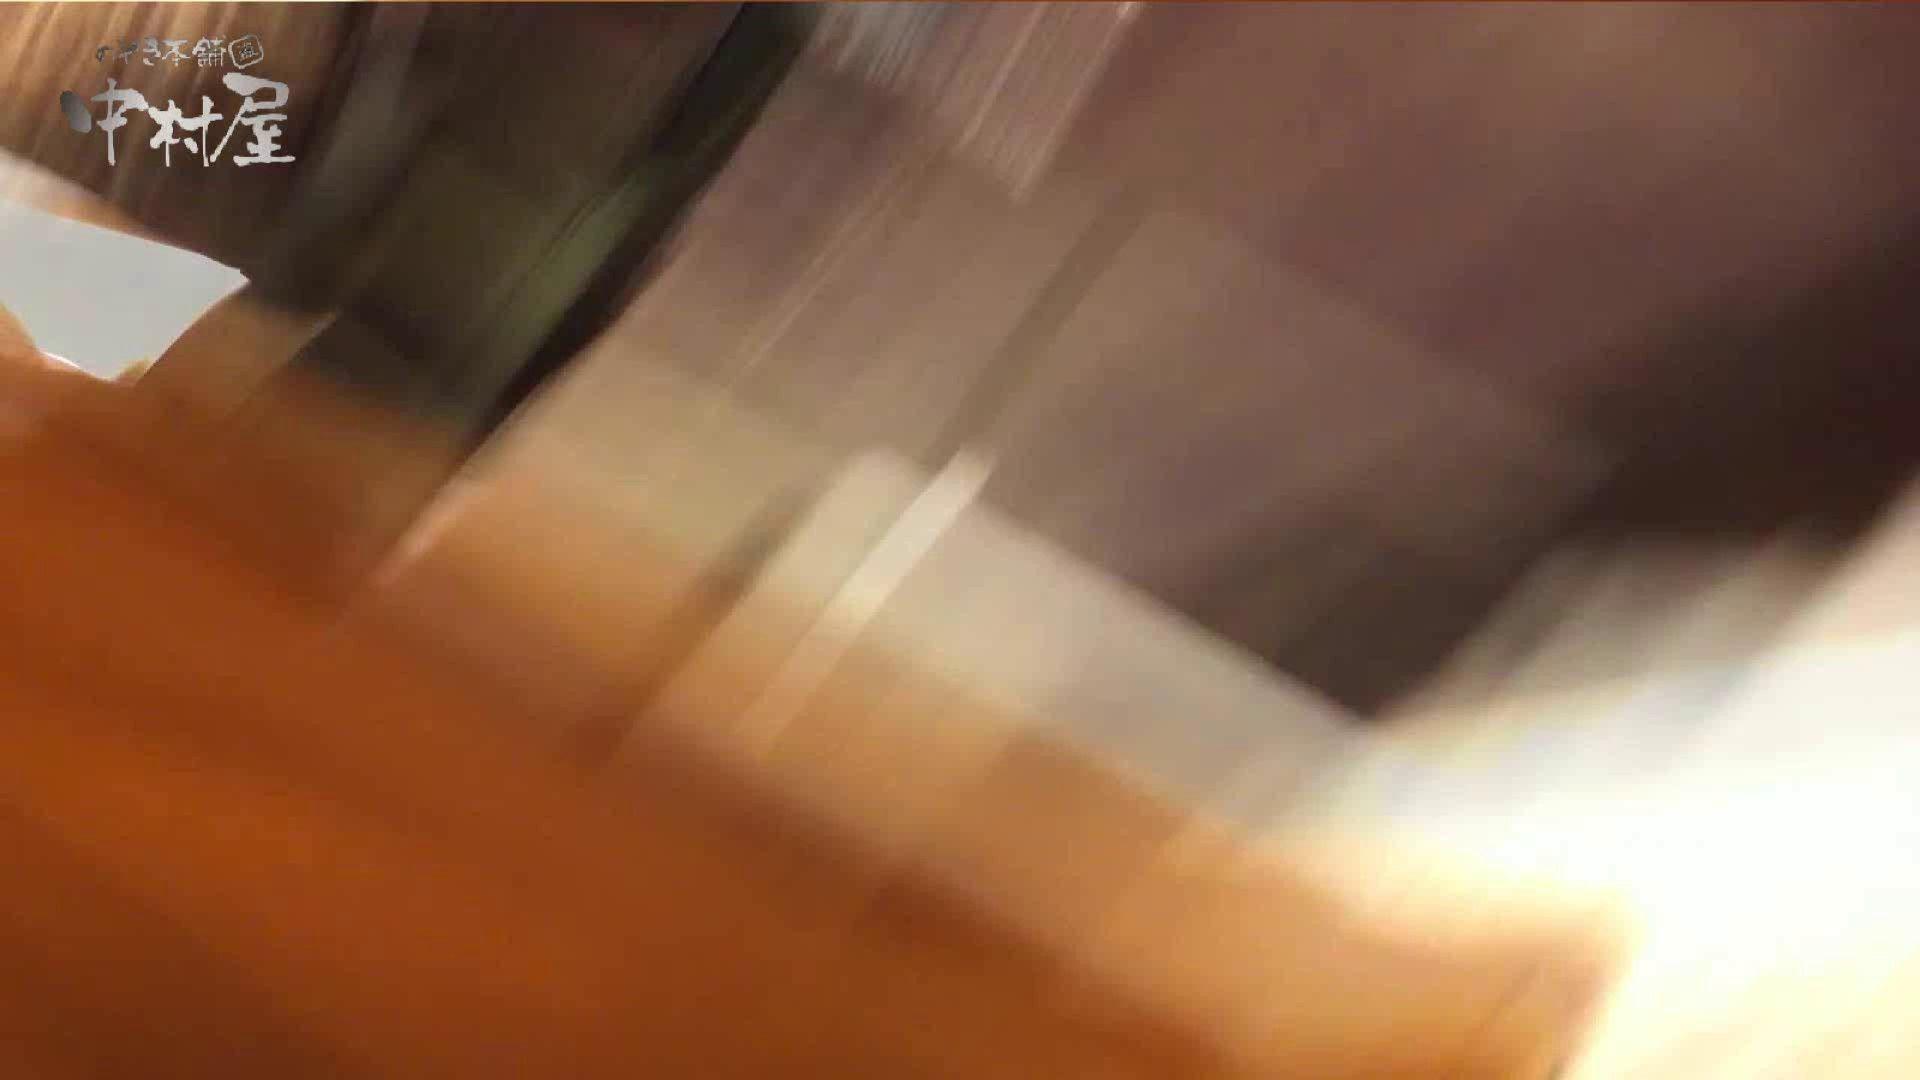 ヤリマンのオマンコ:vol.83 美人アパレル胸チラ&パンチラ 赤Tバック店員さんいらっしゃい:のぞき本舗 中村屋